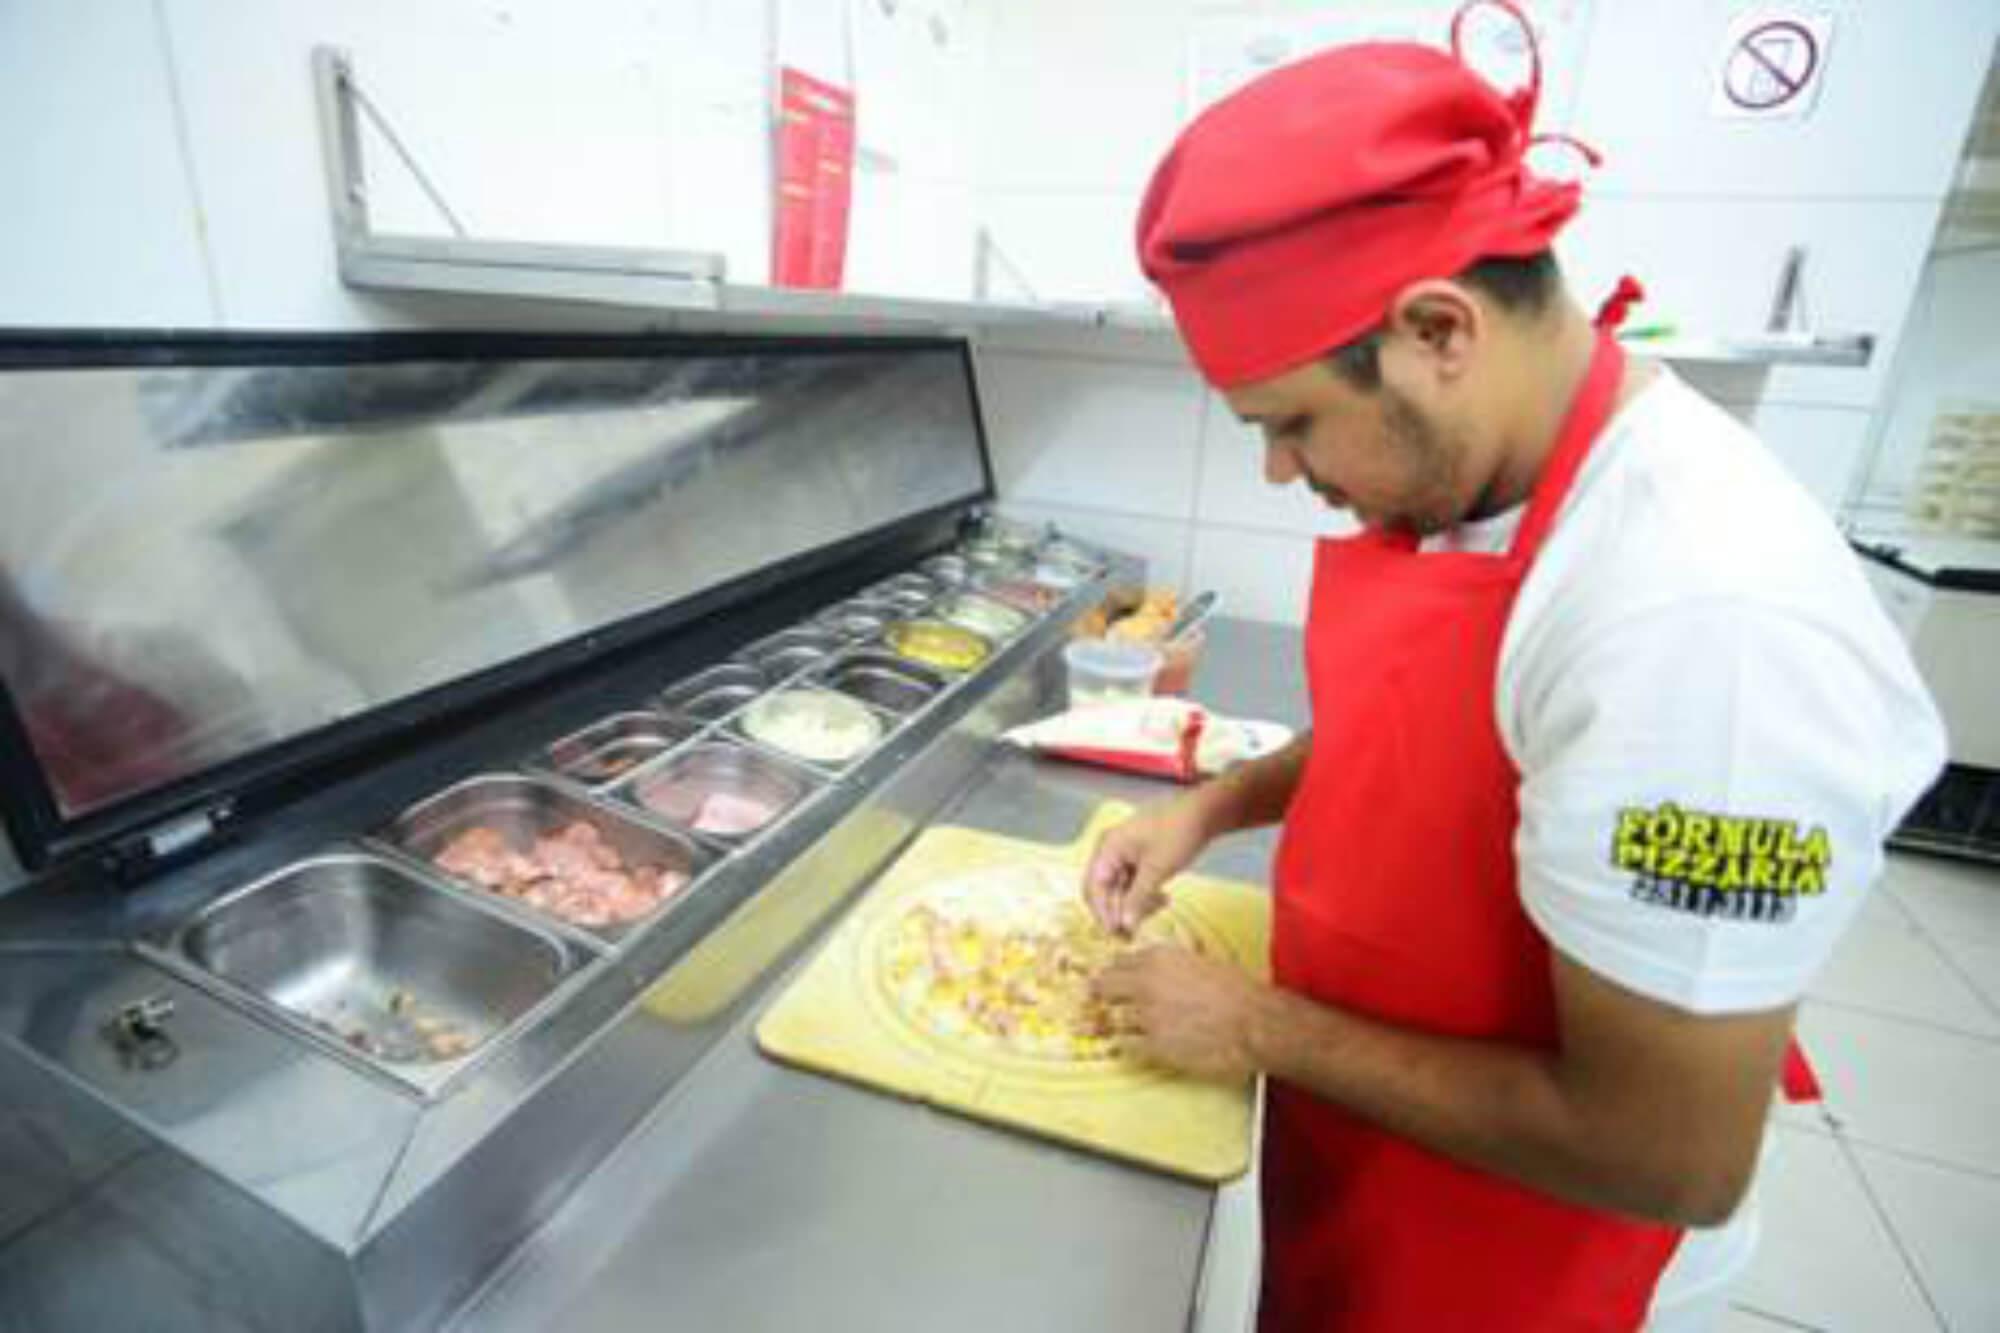 cozinha central em franquias de pizzaria - Fórmula Pizzaria